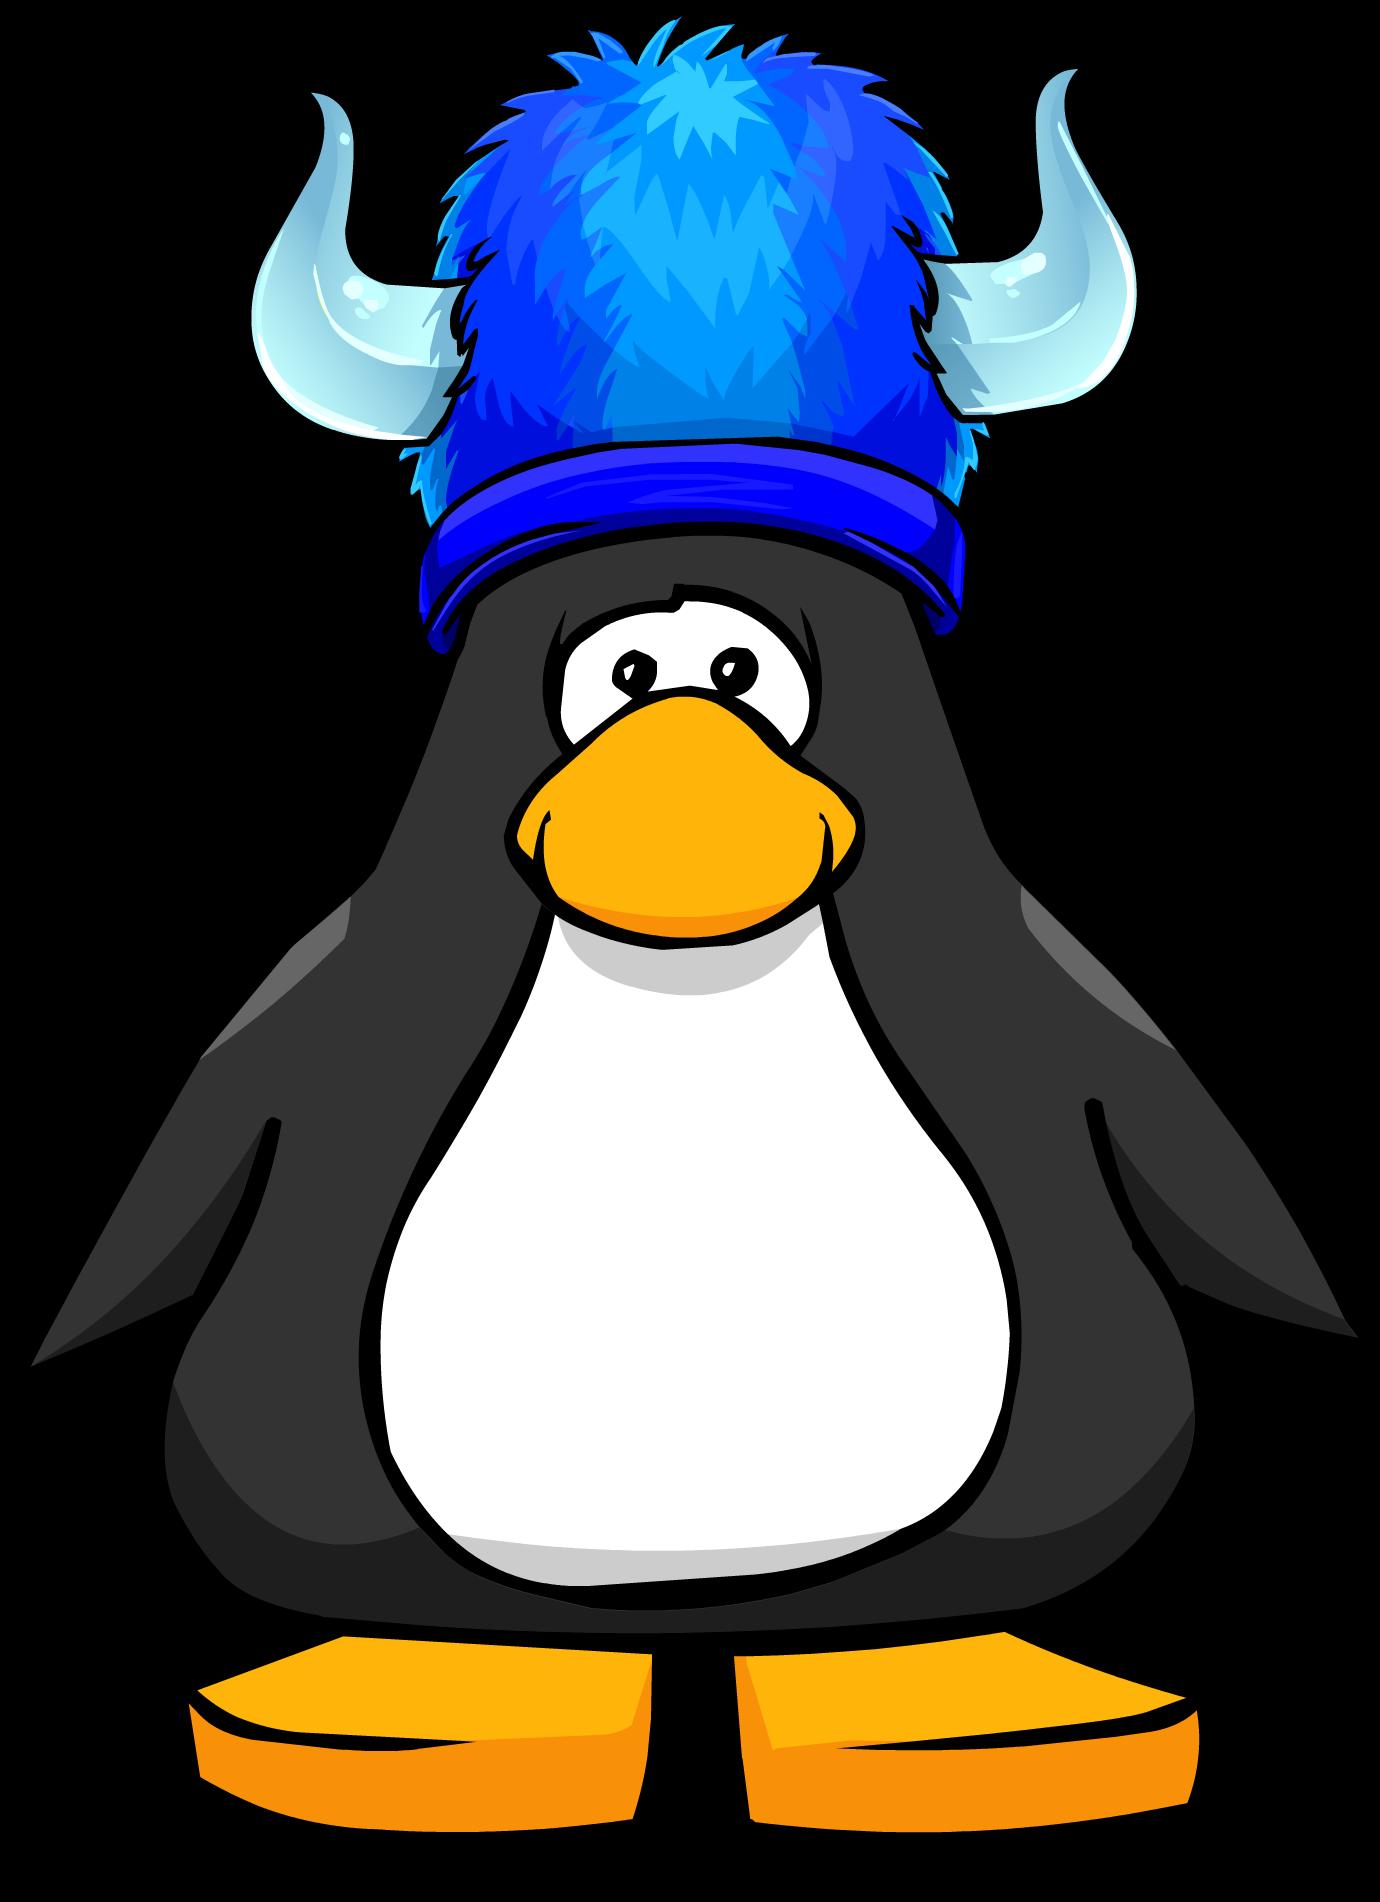 Blue Fuzzy Viking Hat